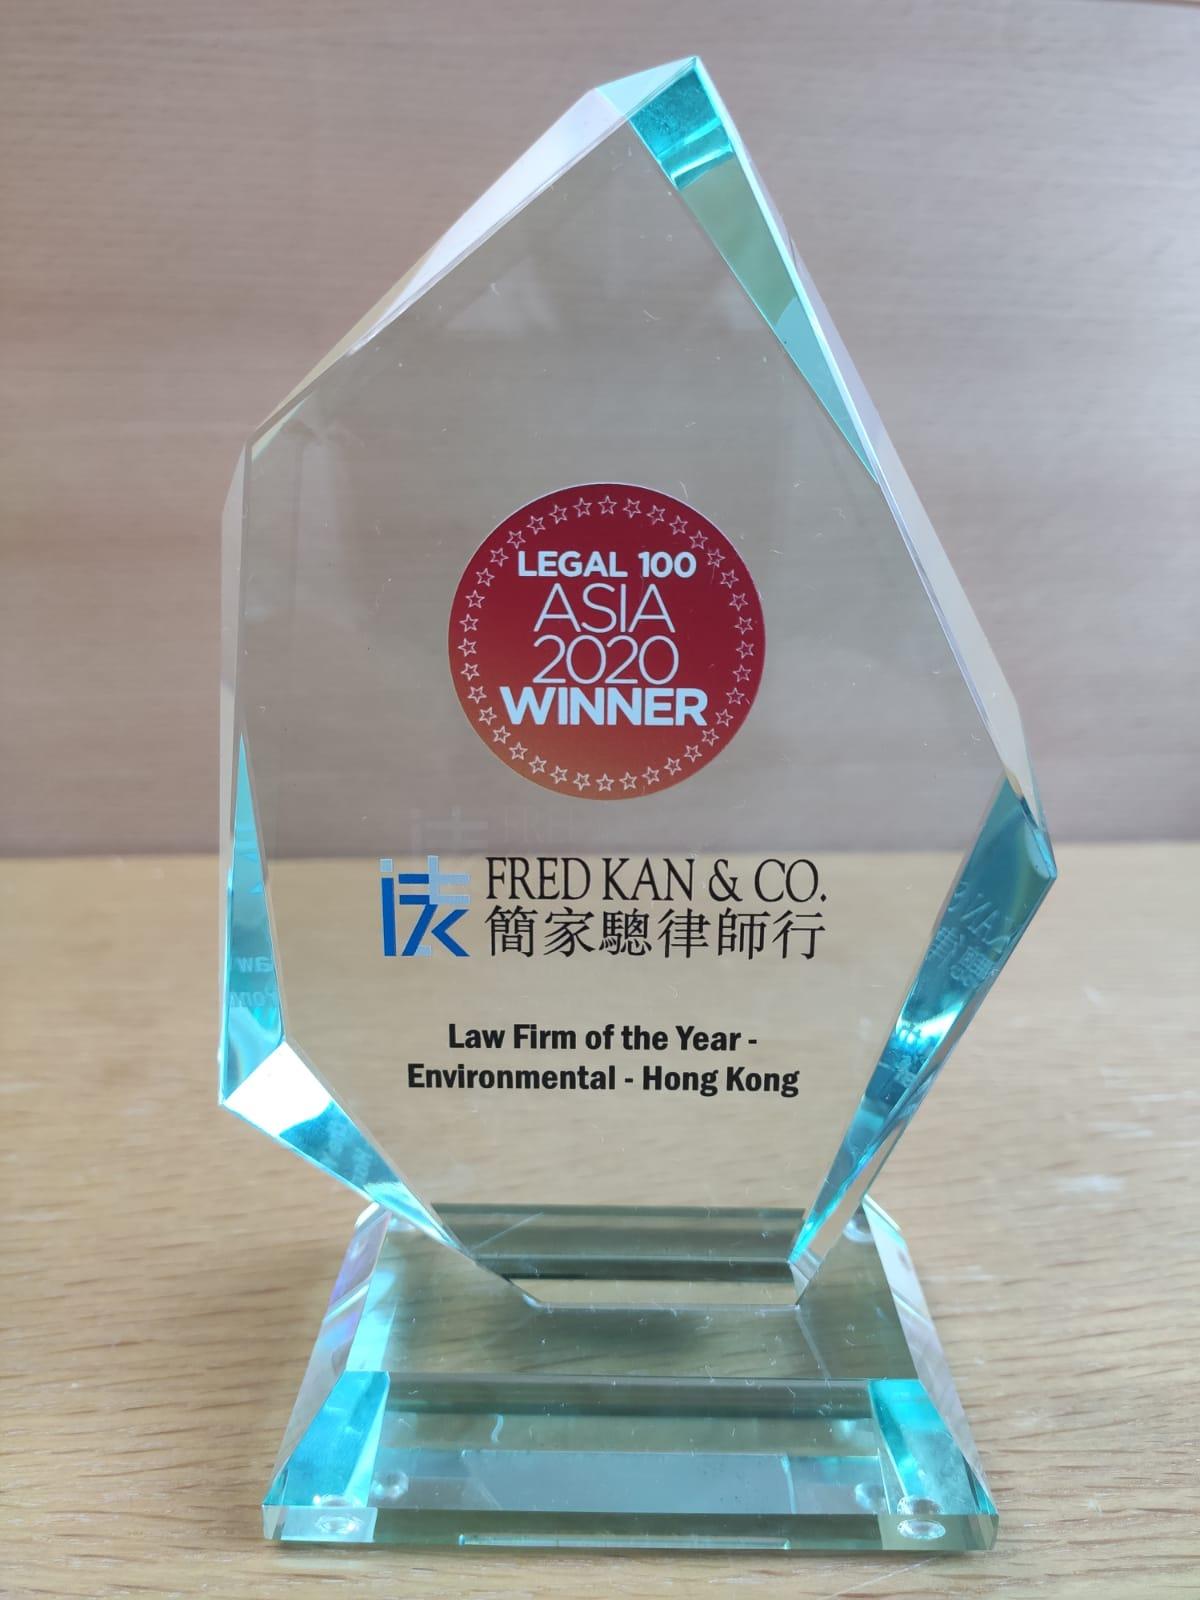 本行連續三年榮獲年度Legal 100 Asia最佳律師事務所(環境法)大獎